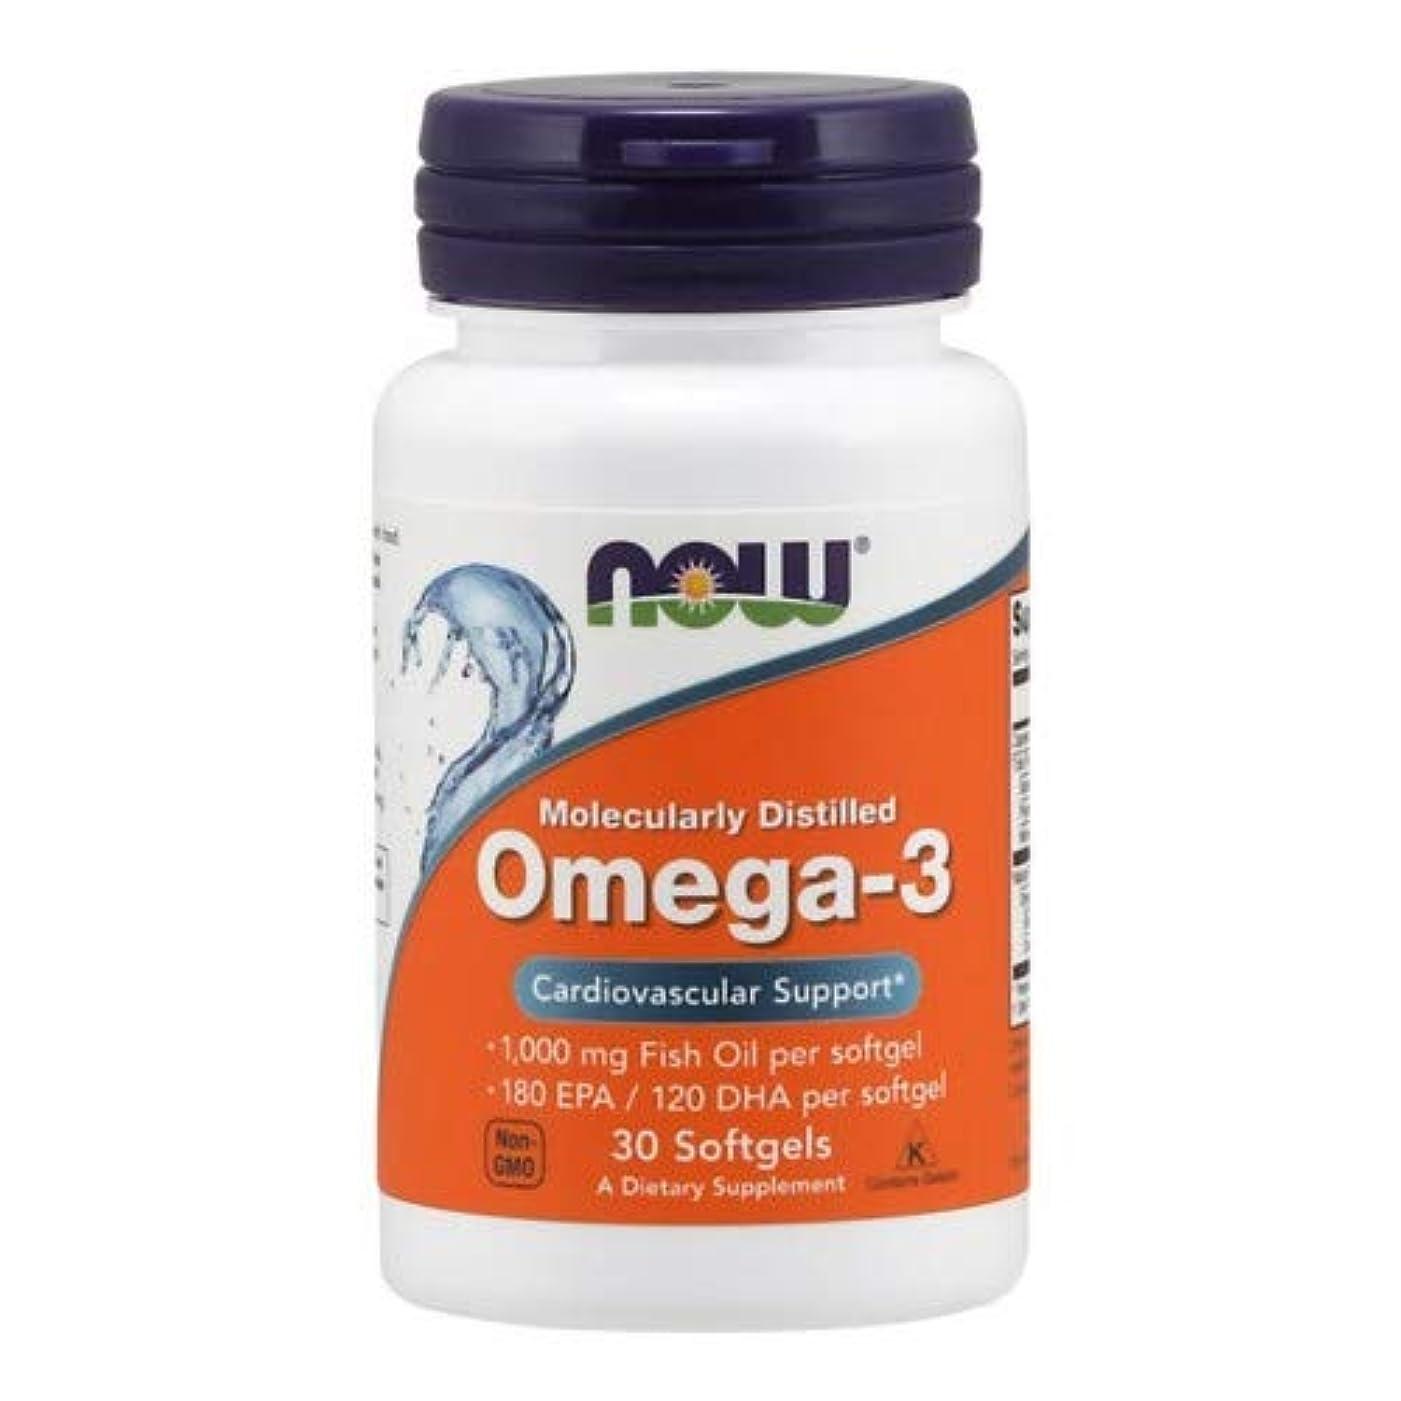 医学海洋すなわち[海外直送品] ナウフーズ  Omega-3 2000mg 100 Softgels (Pack of 2)